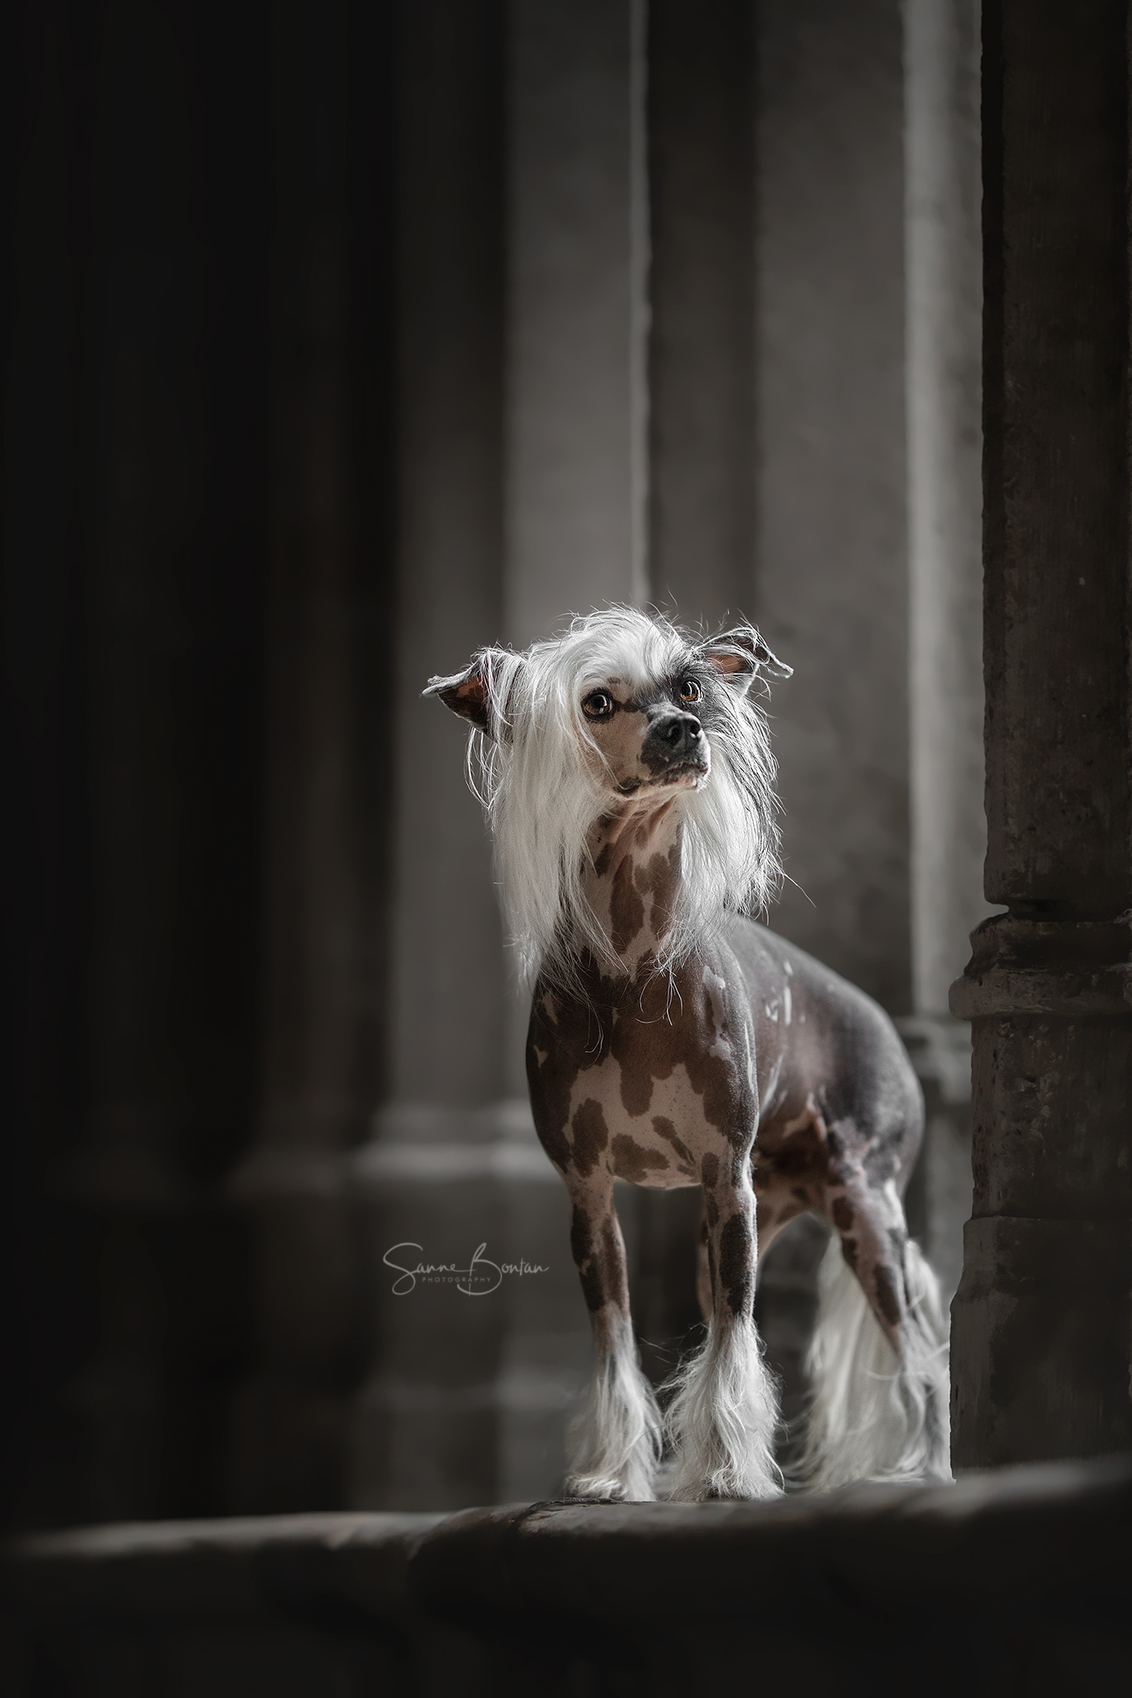 Chinese naakthond - - - foto door SanneBontan op 20-10-2020 - deze foto bevat: kasteel, huisdier, hond, honden, stad, mysterieus, huisdieren, hondenportret, naakthond, outdoor, hondenfotograaf, outdoorfotografie